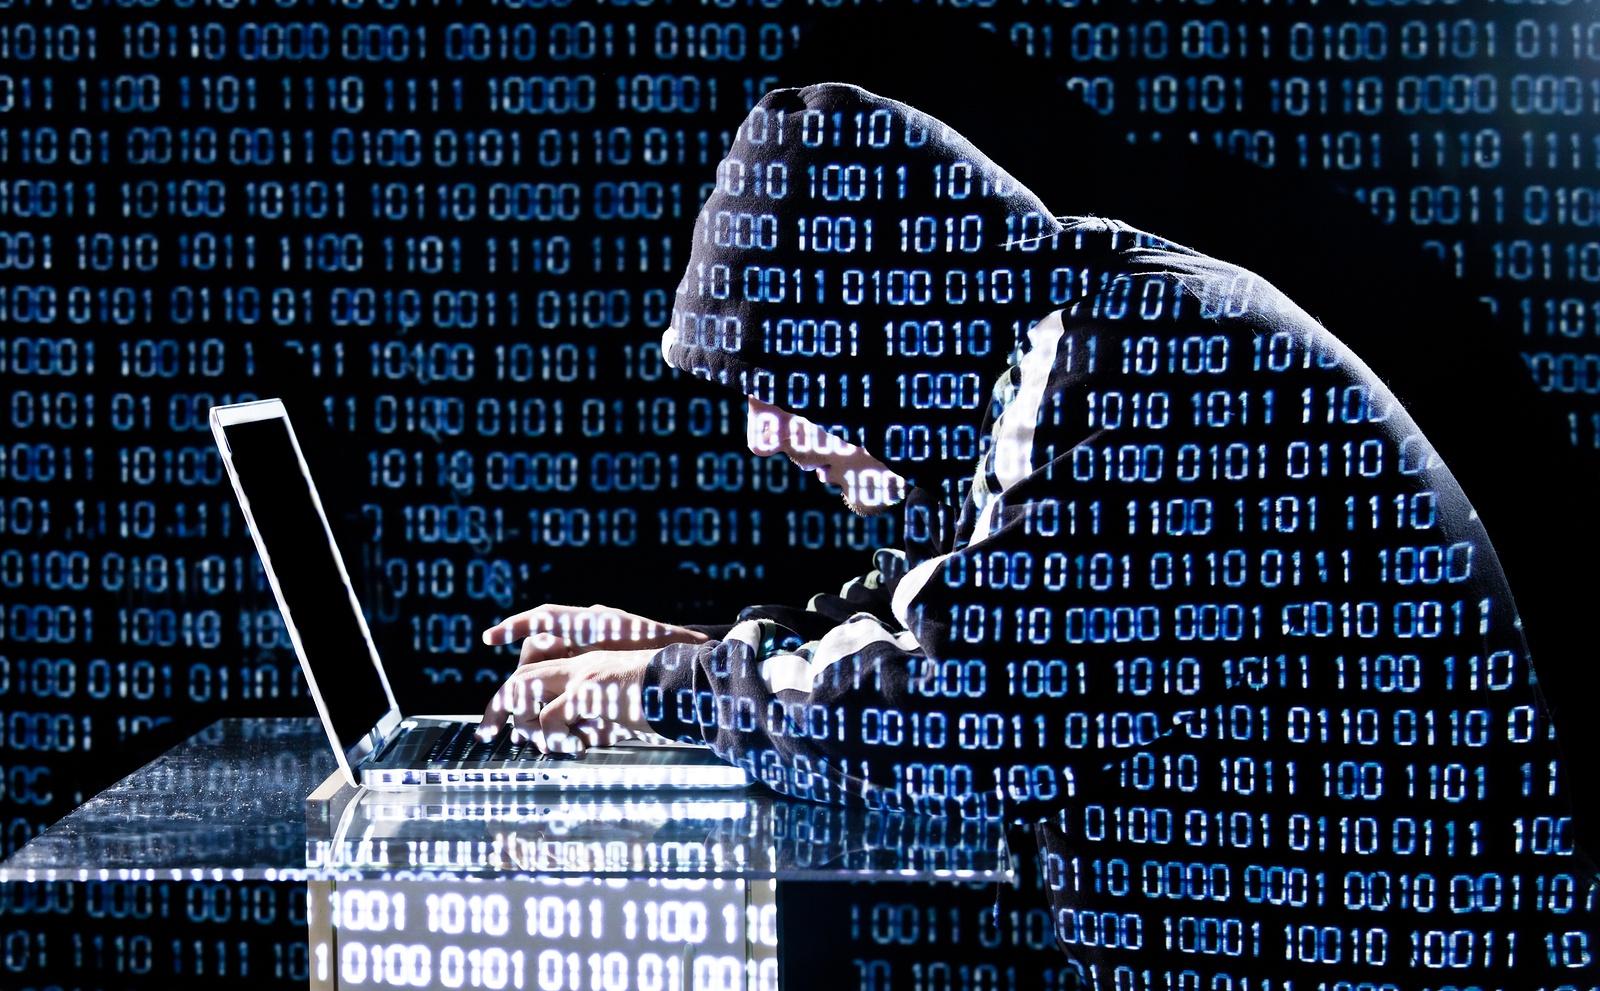 el mayor mercado en usar bitcoins en la darknet identificado investigación